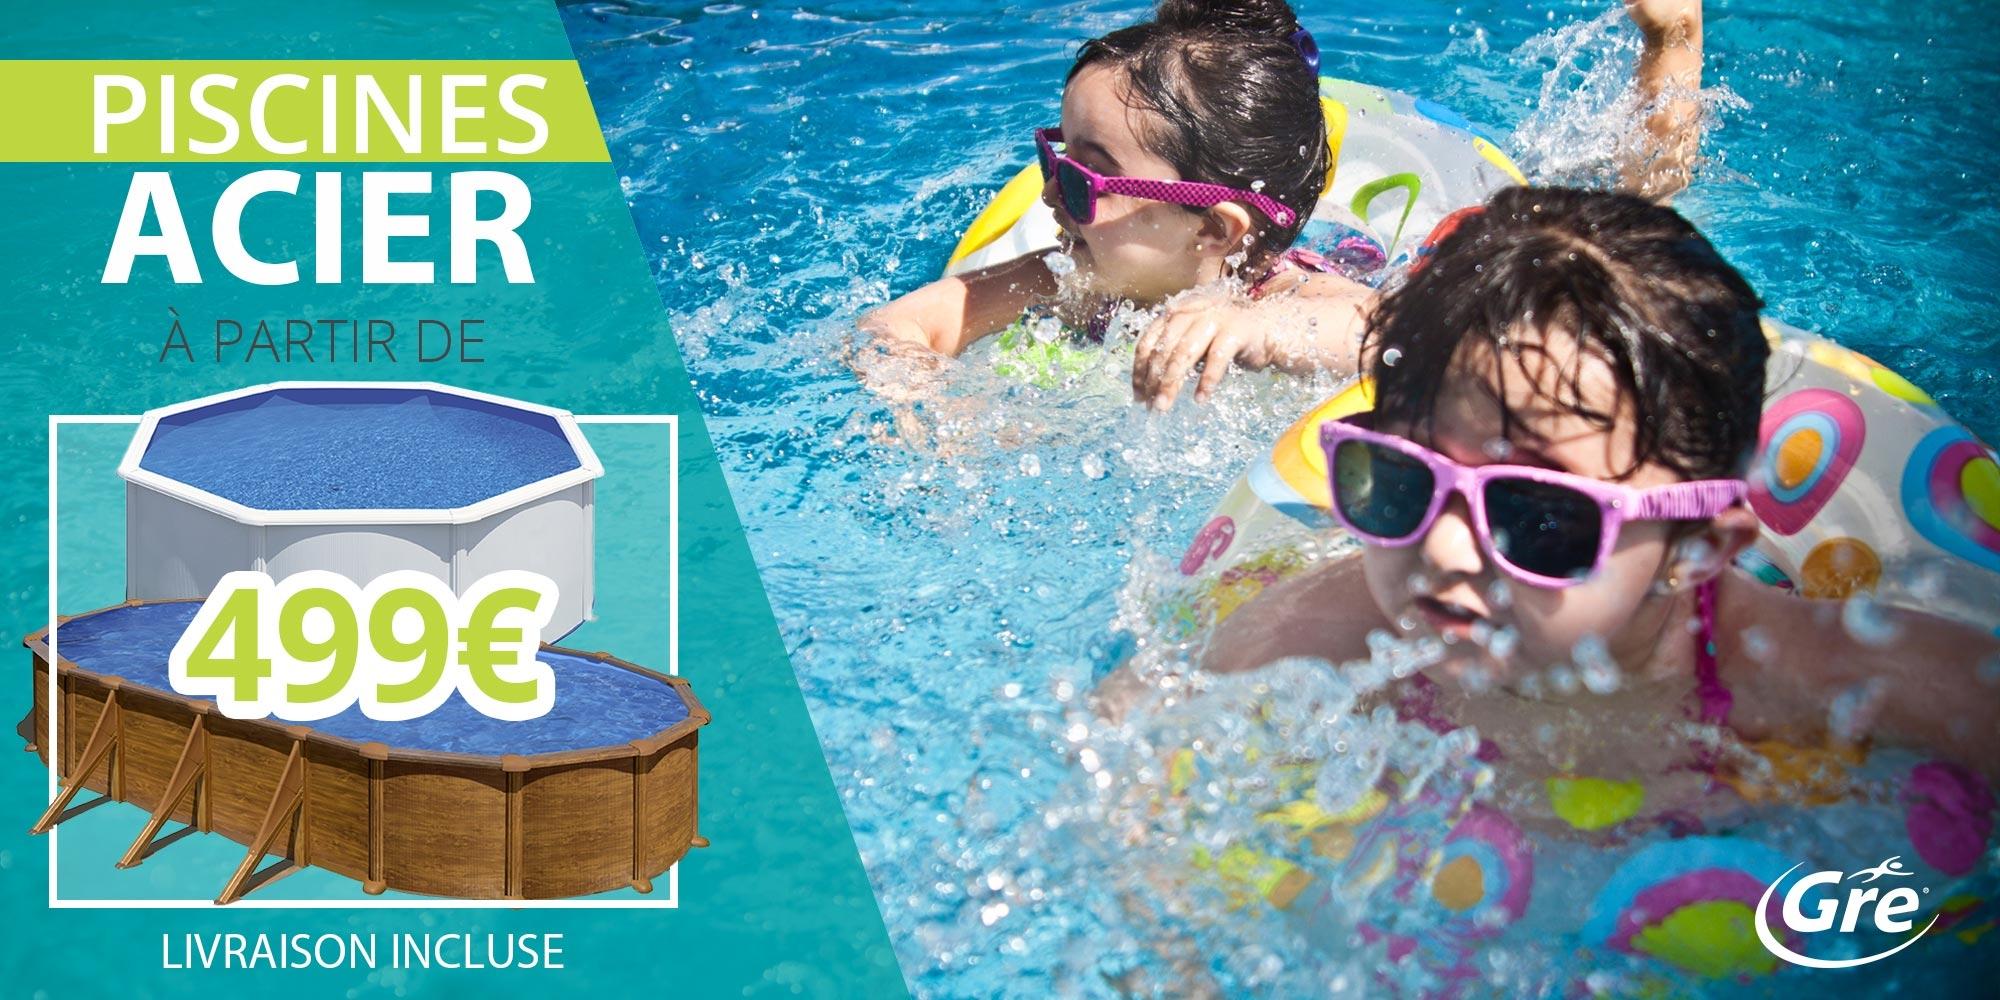 promotion piscine acier à partir de 499€